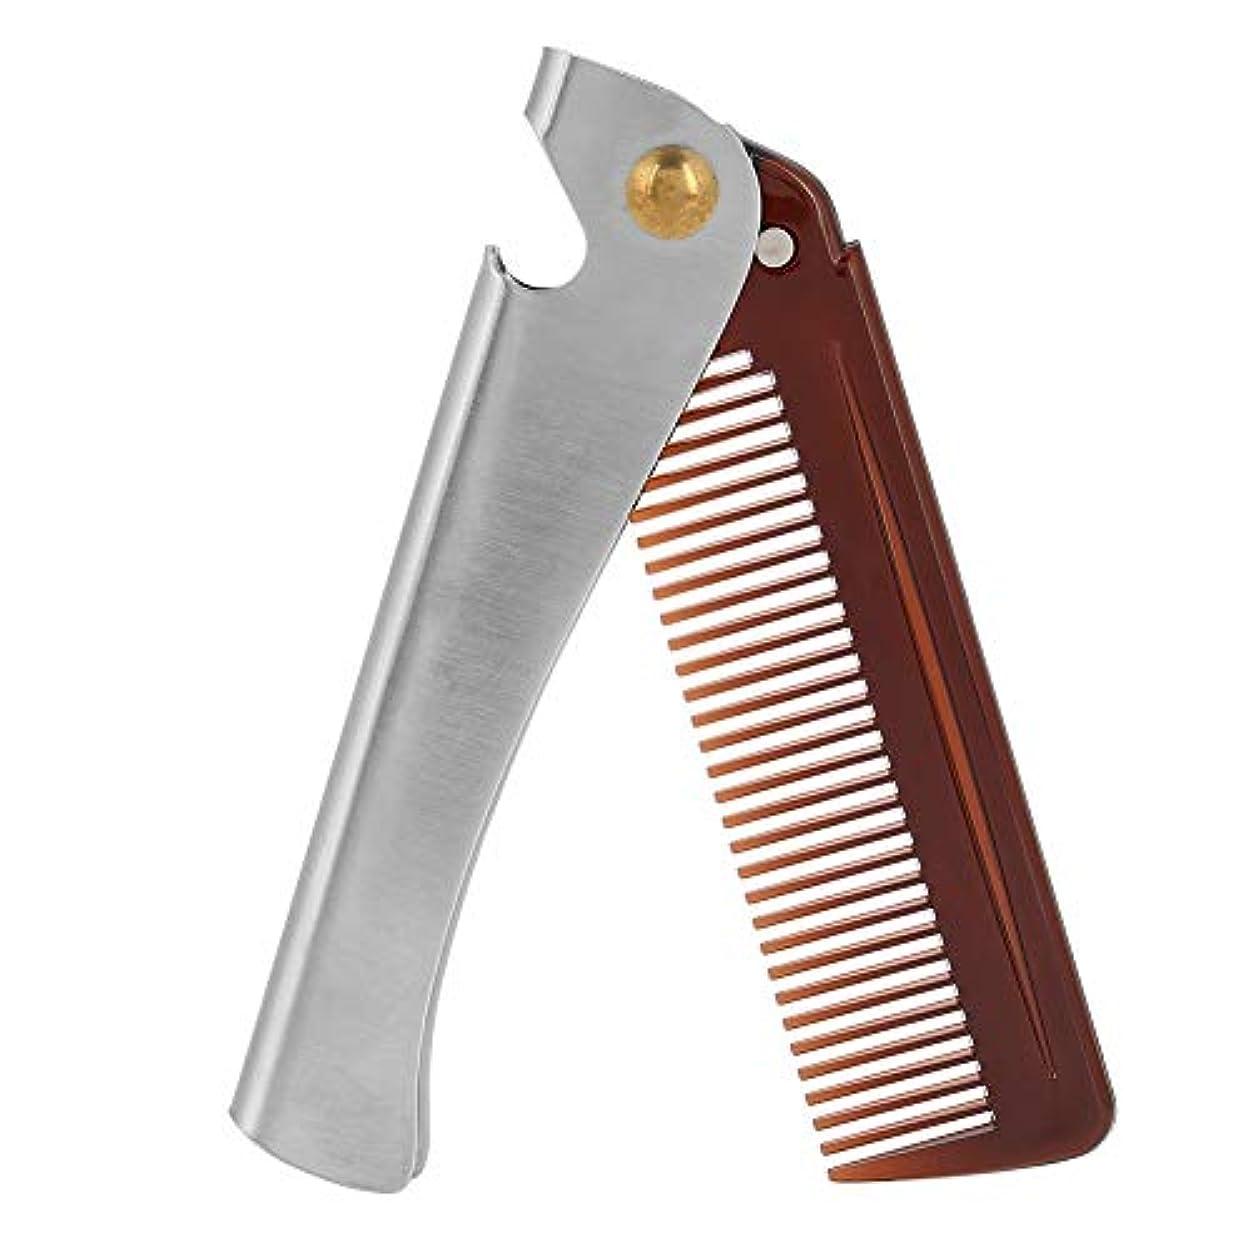 助言フクロウ商標ステンレス製のひげの櫛の携帯用ステンレス製のひげの櫛の携帯用折りたたみ口ひげ用具の栓抜き